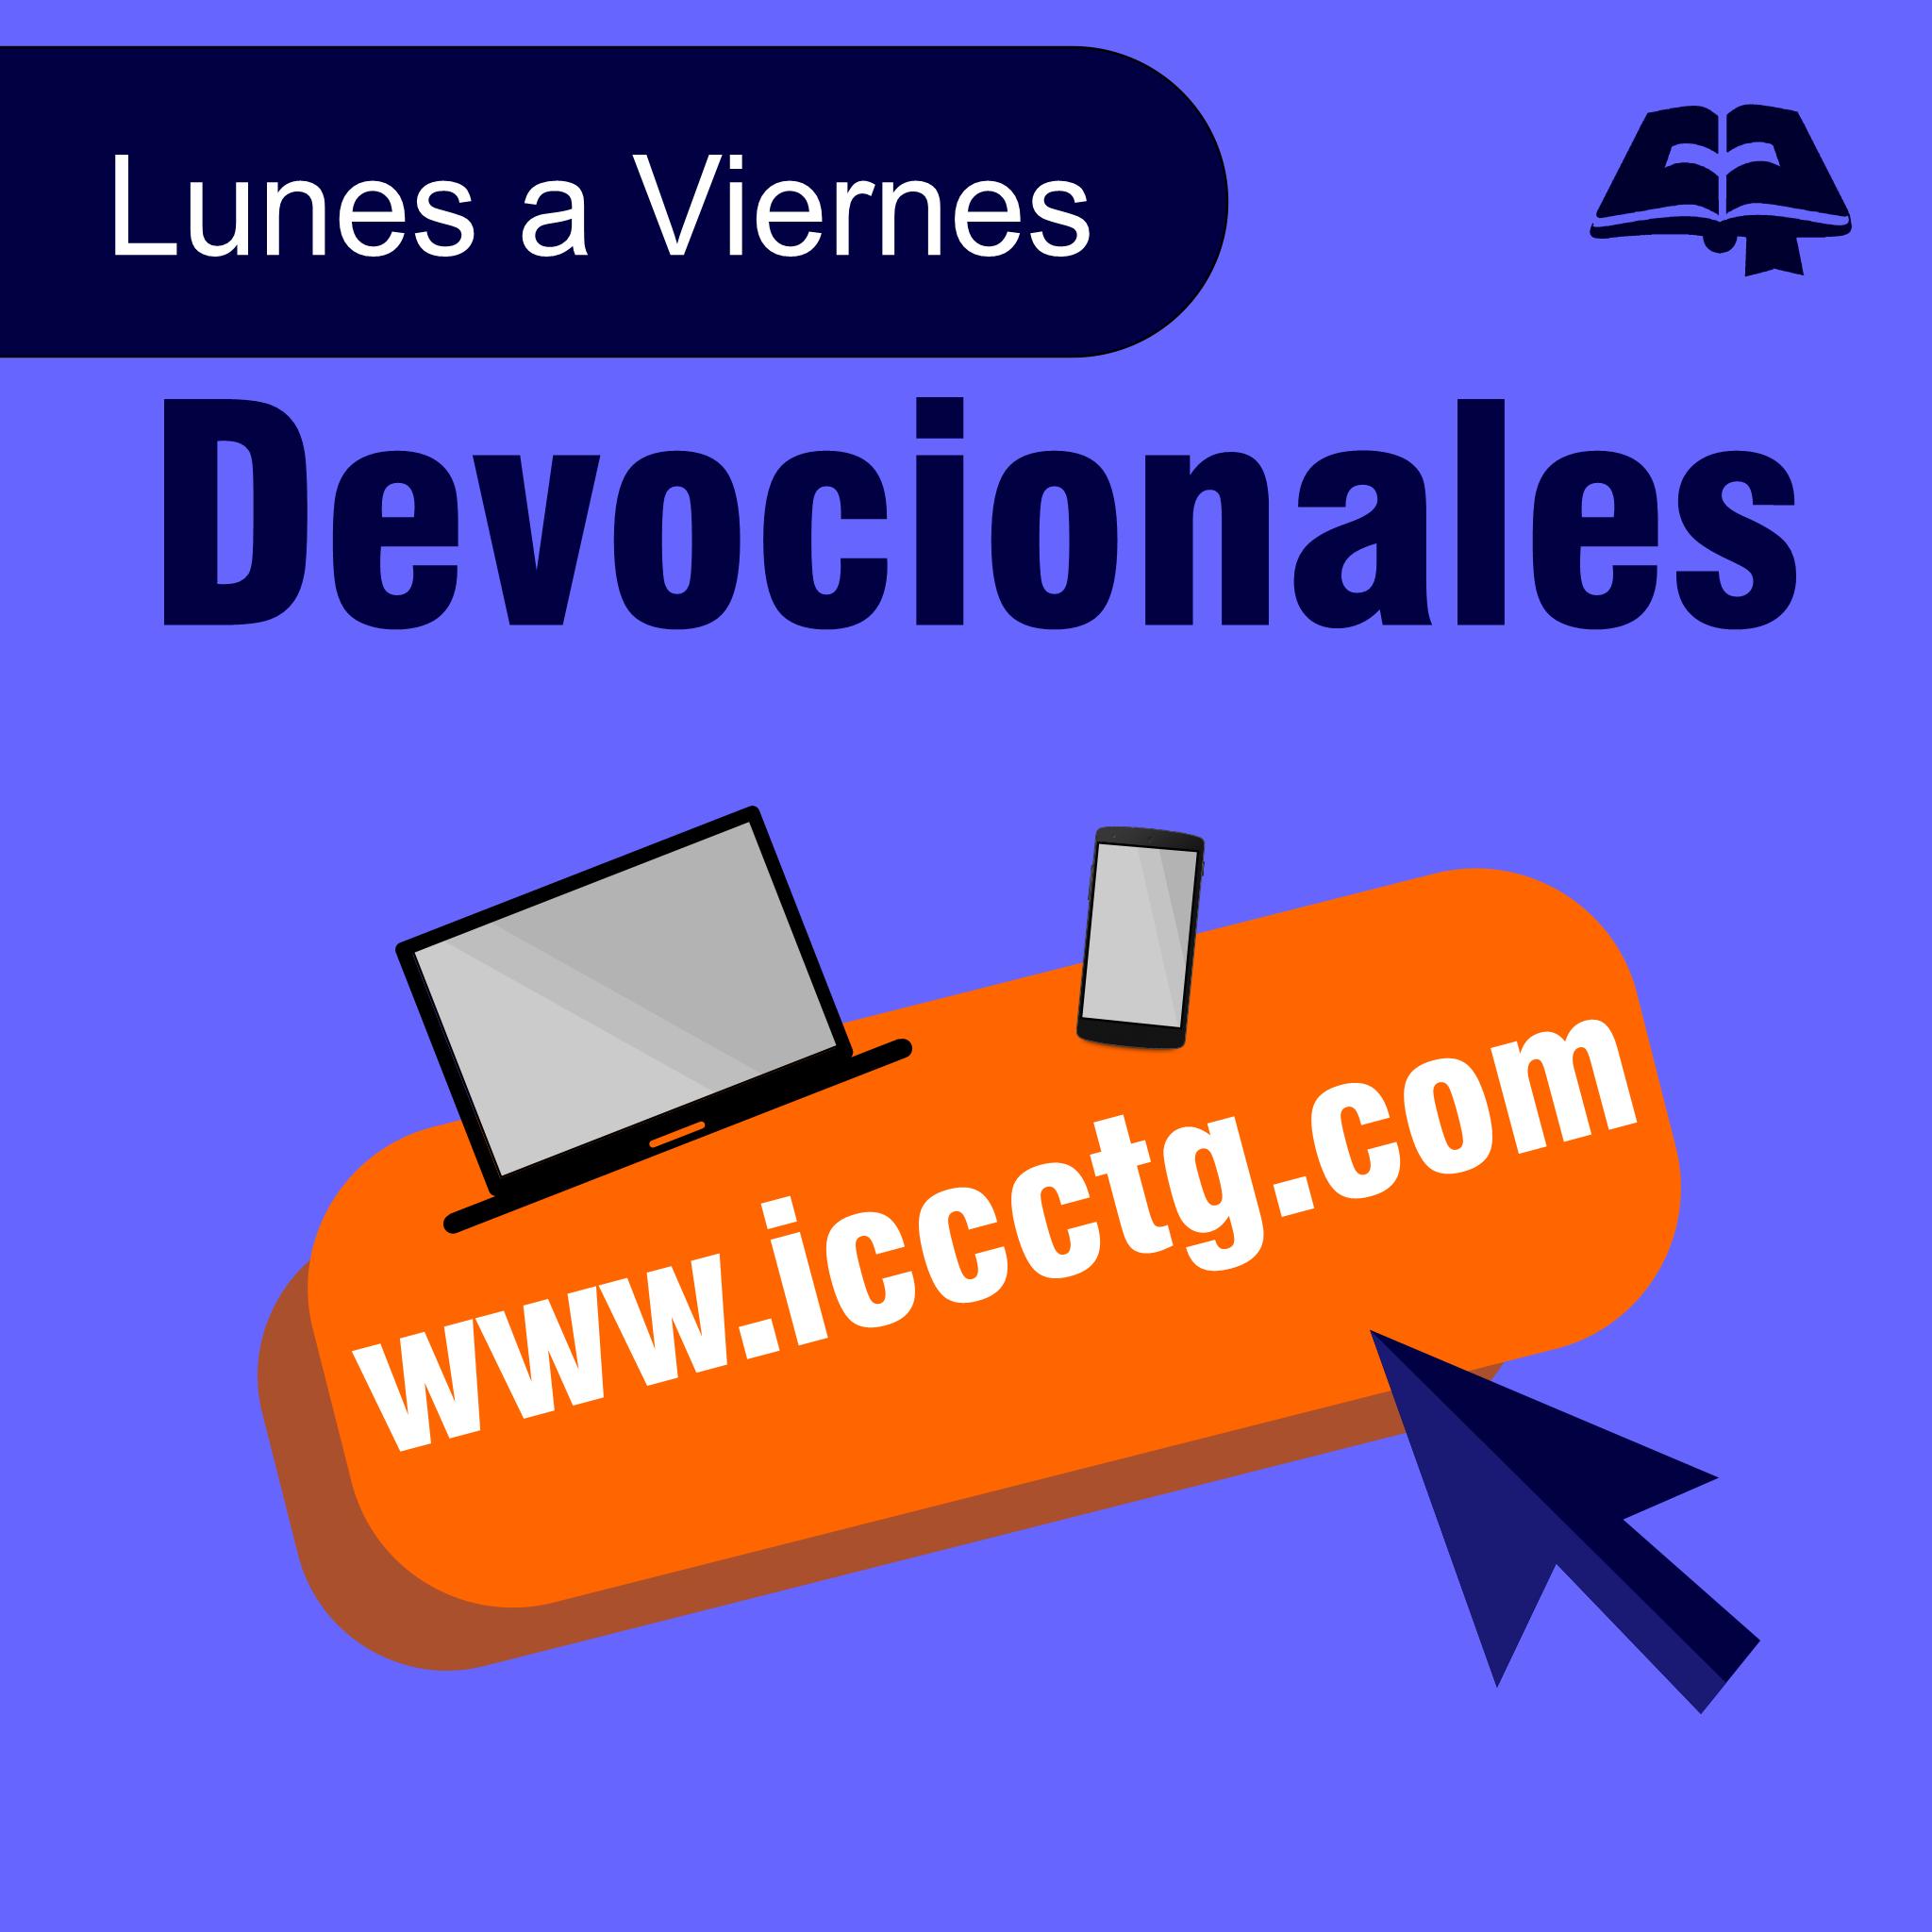 iccctg-anuncios-03